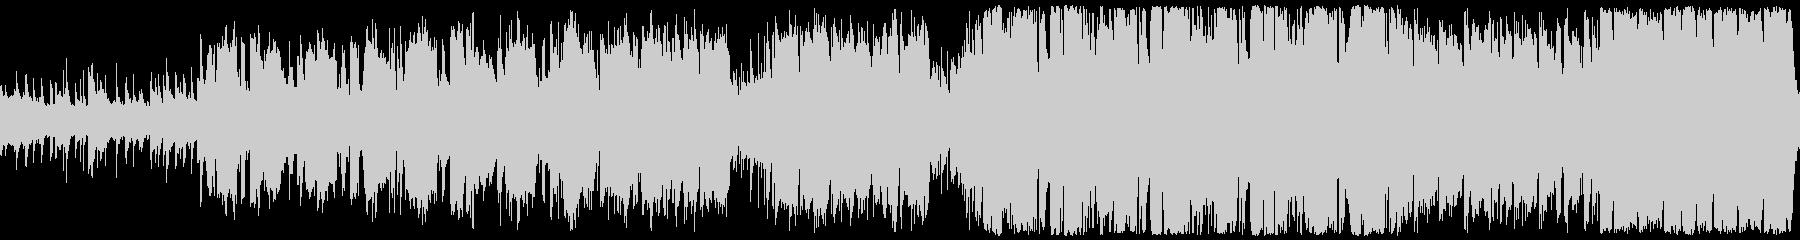 爽やかなほのぼのケルトBGMの未再生の波形